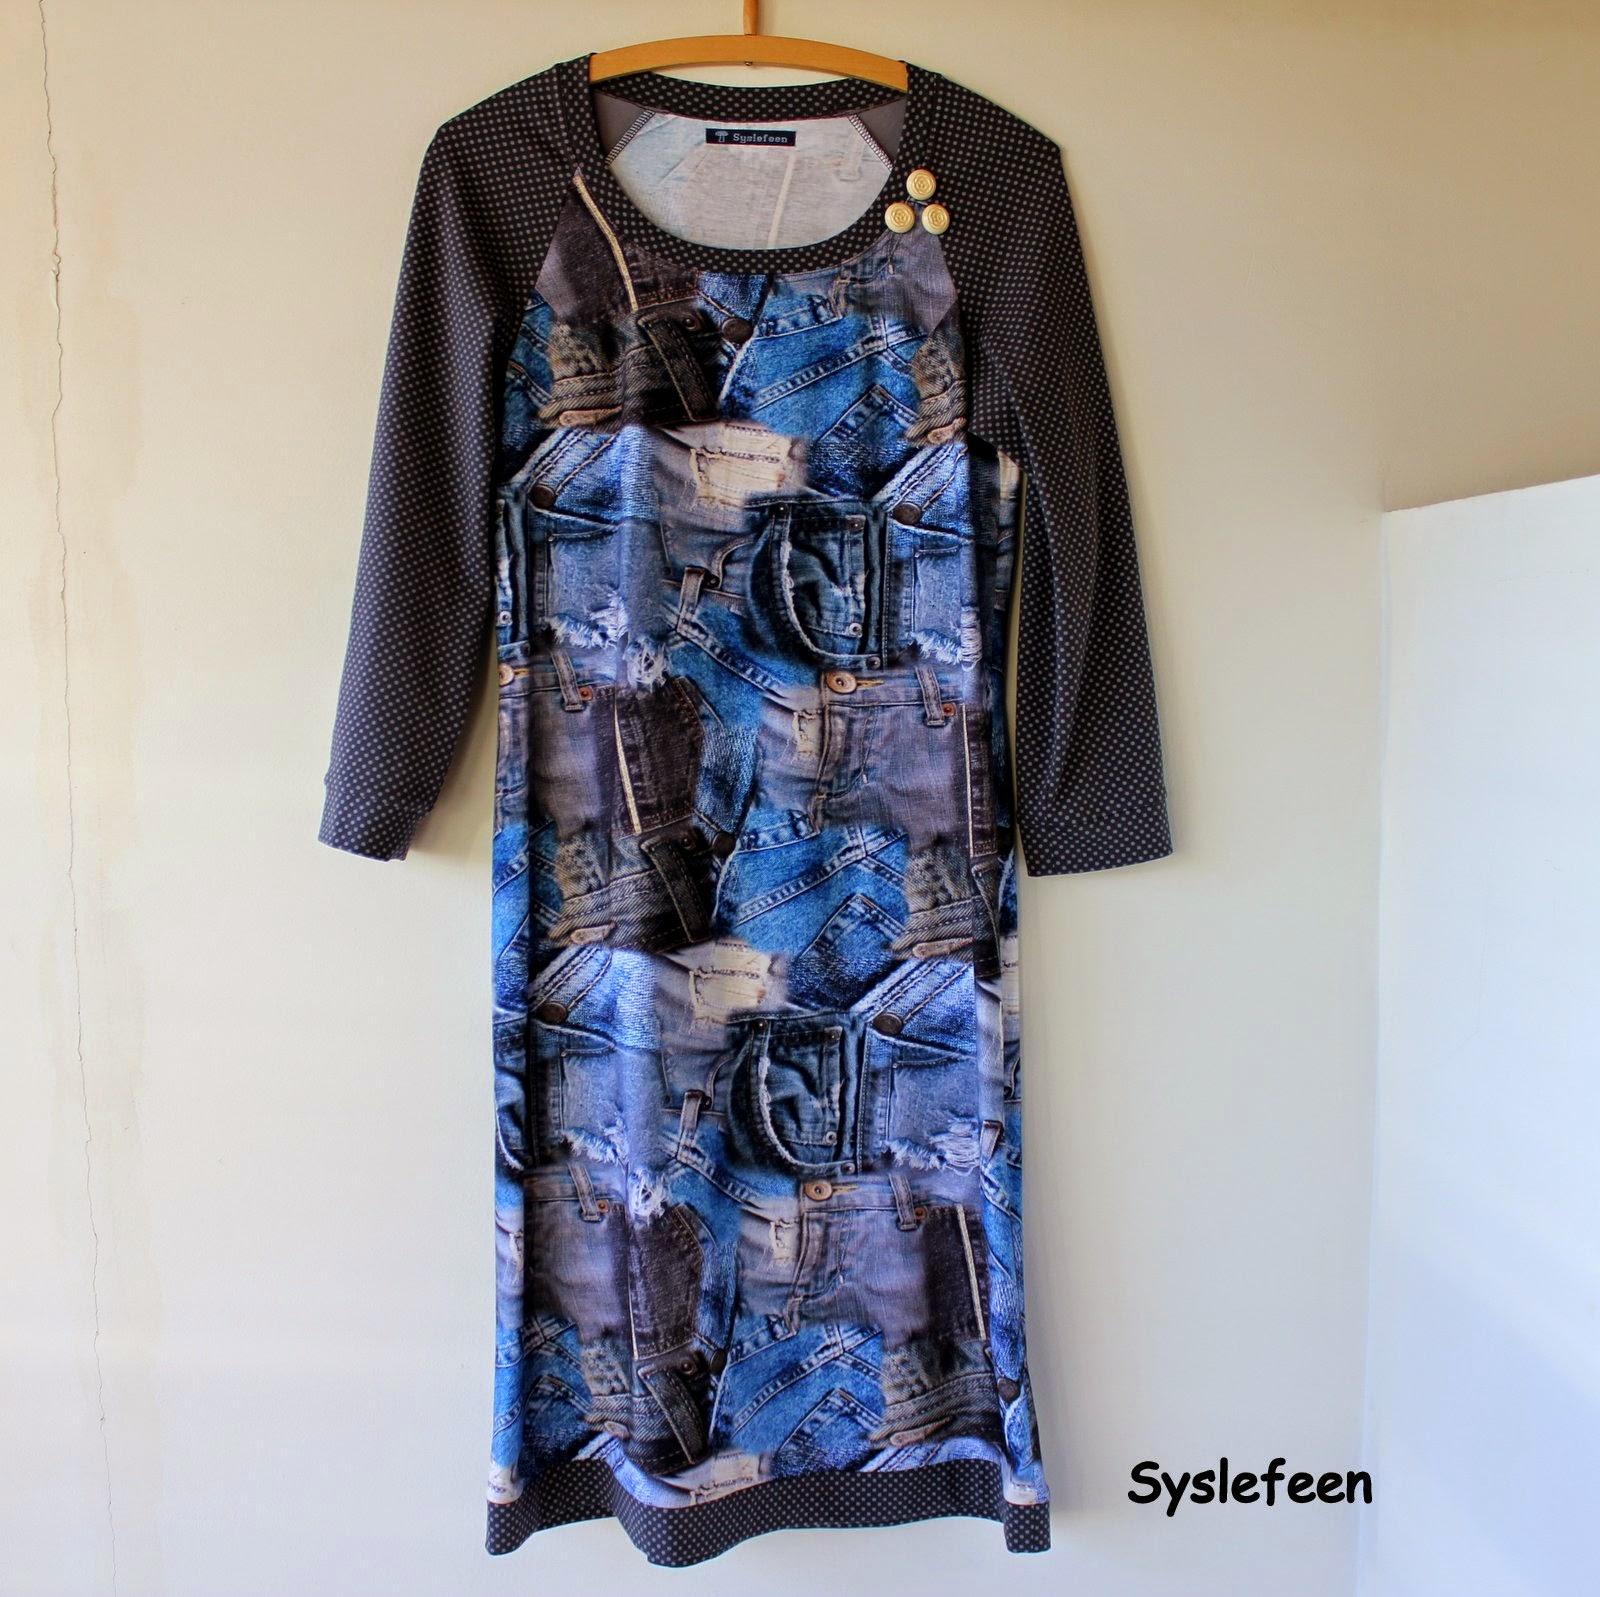 b23b83990181 Jeg har syet mig en ny kjole i